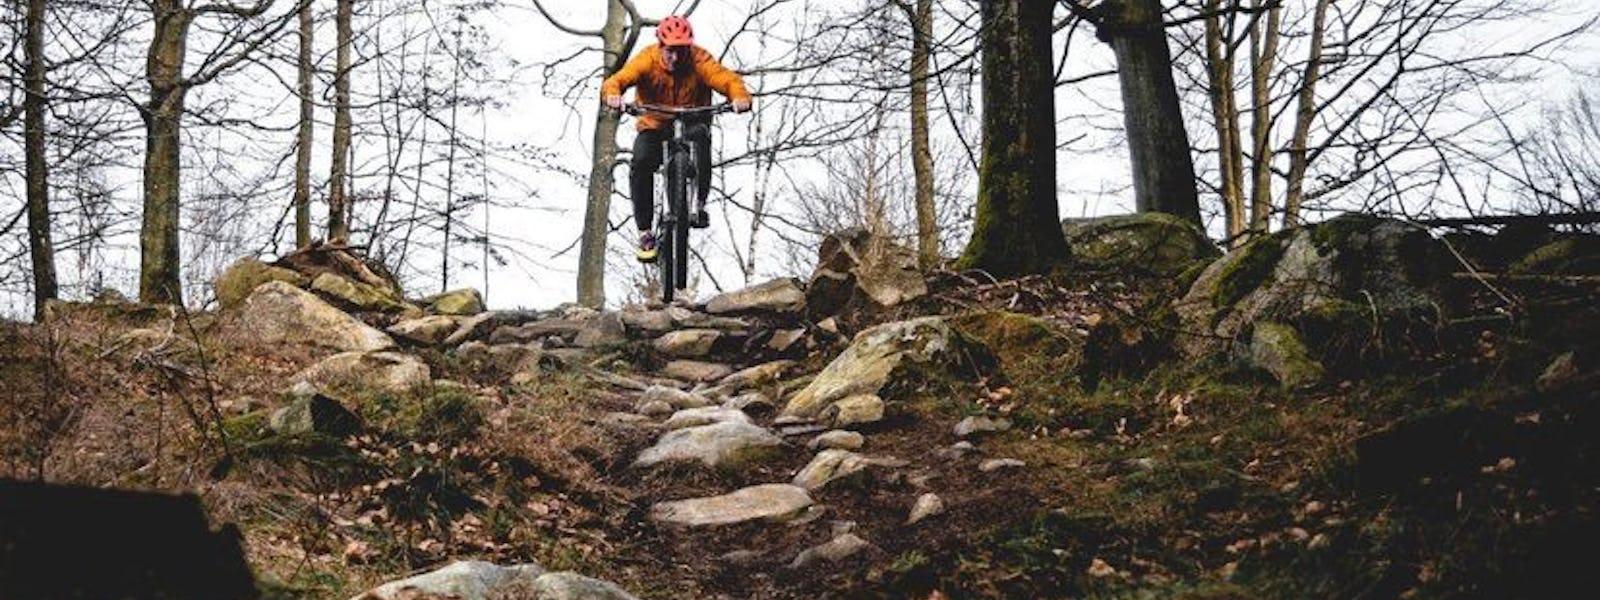 Bild - Cykla XC och Enduro på vackra Ryssberget!